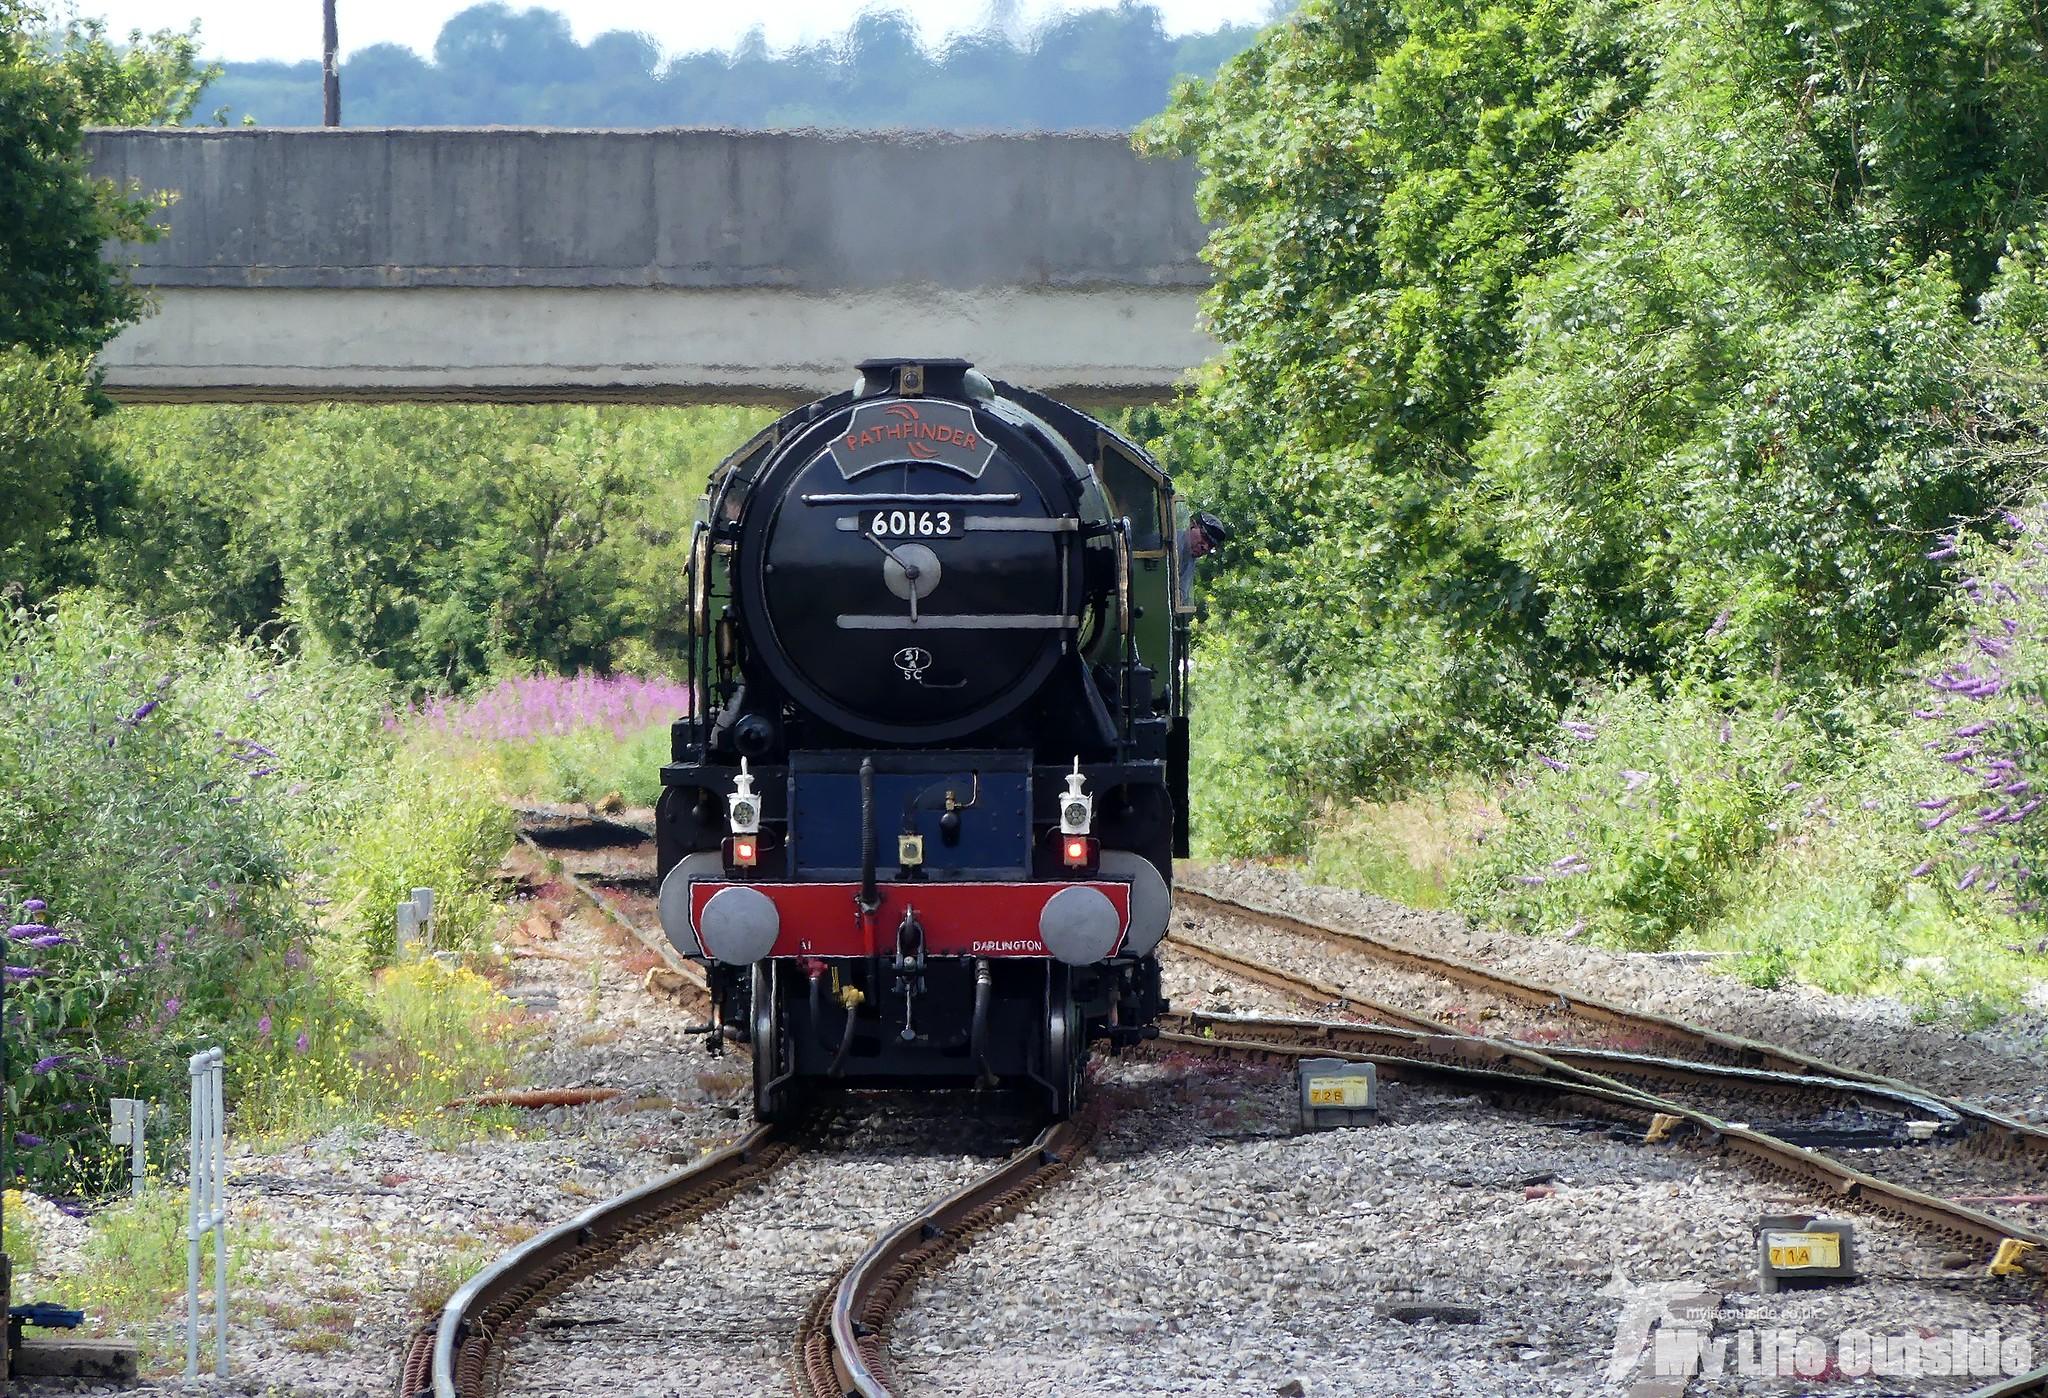 P1210188 - Pembroke Coast Express